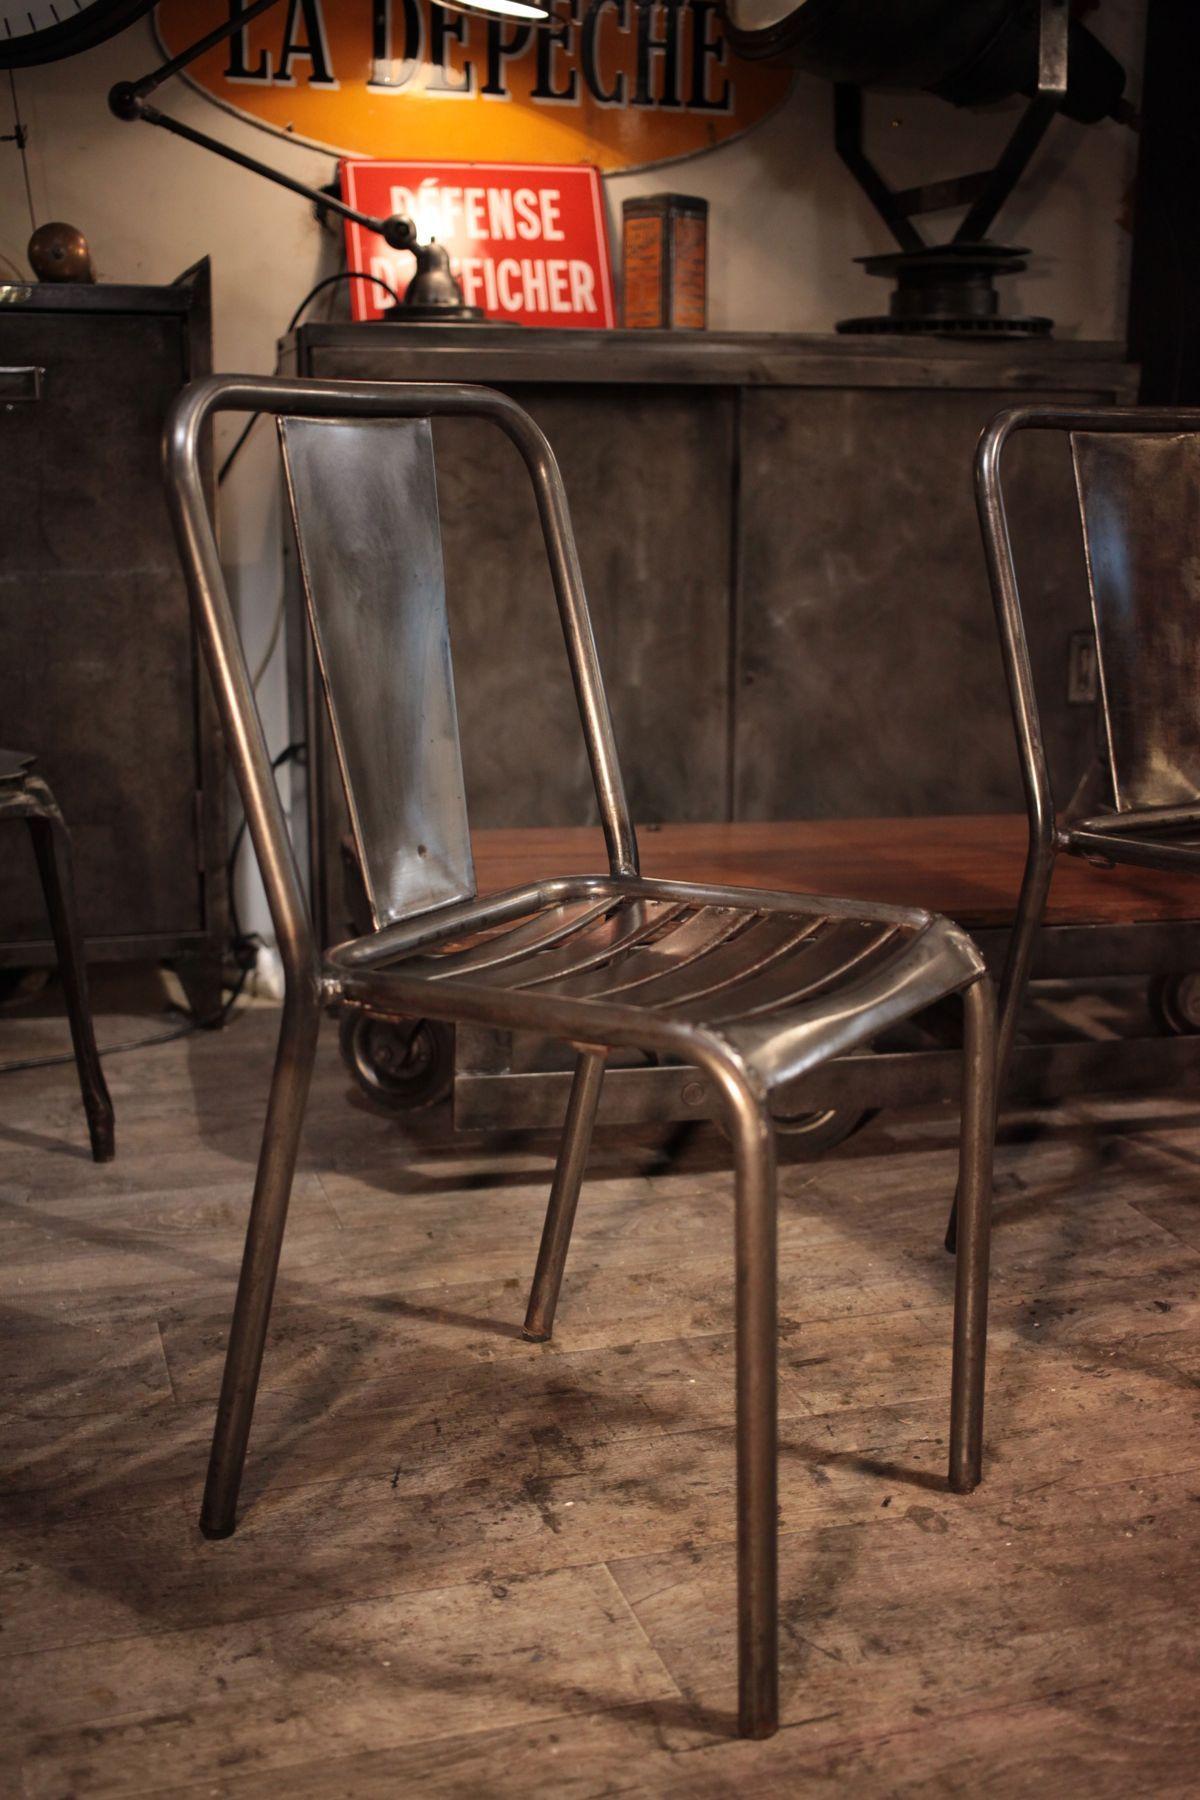 soldes tolix tolix soldes avignon basse inoui with soldes tolix cool soldes tolix with soldes. Black Bedroom Furniture Sets. Home Design Ideas